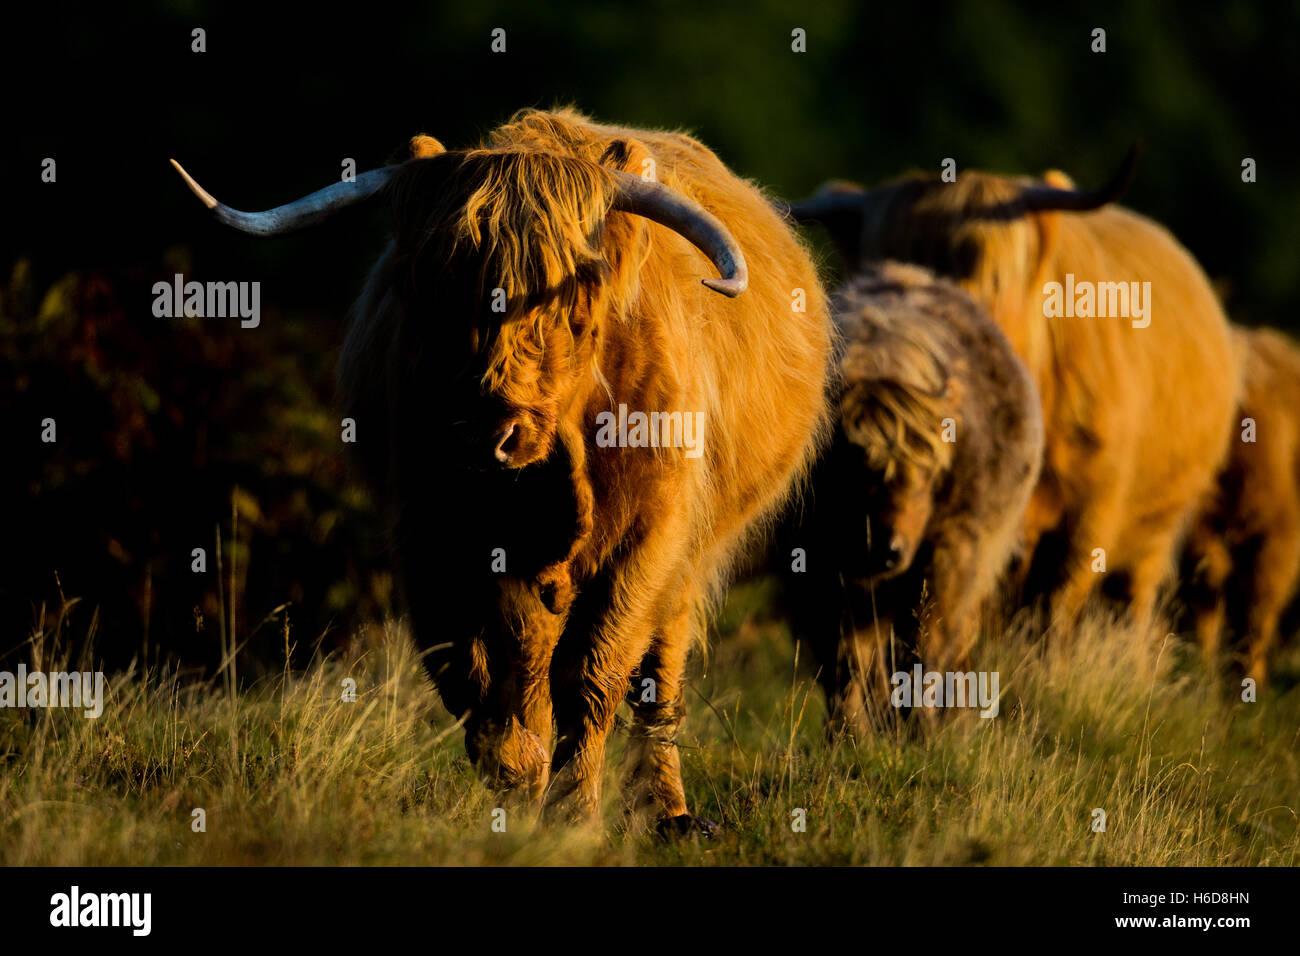 Highland mucche nella luce del sole di mattina. Immagini Stock